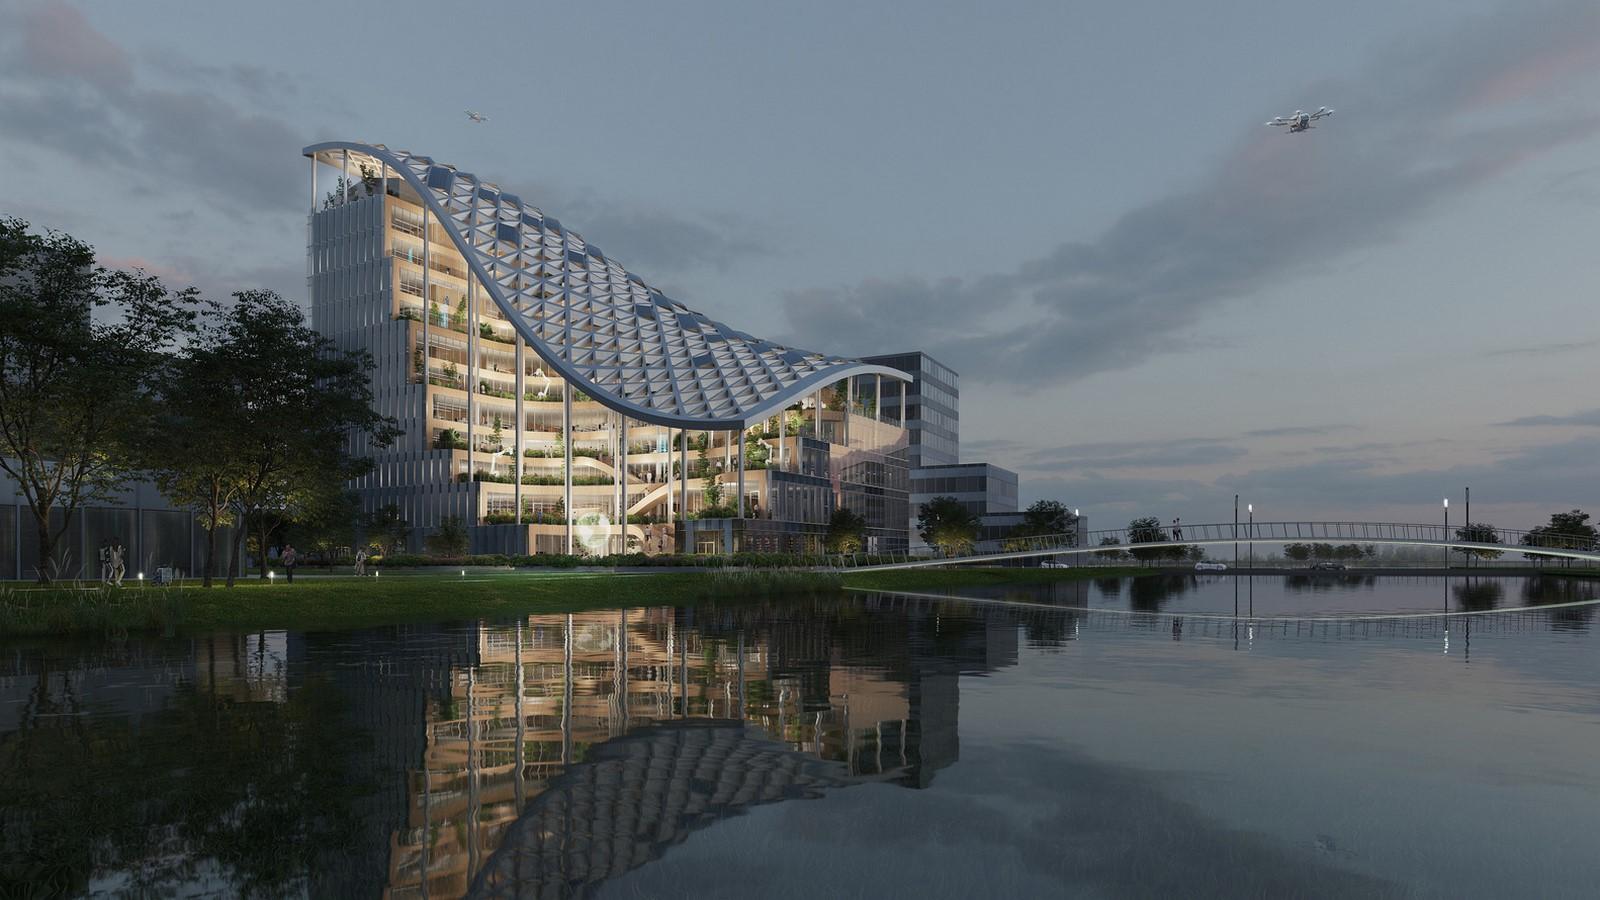 Design for Terraced Office Building in Shanghai revealed by MVRDV - Sheet1